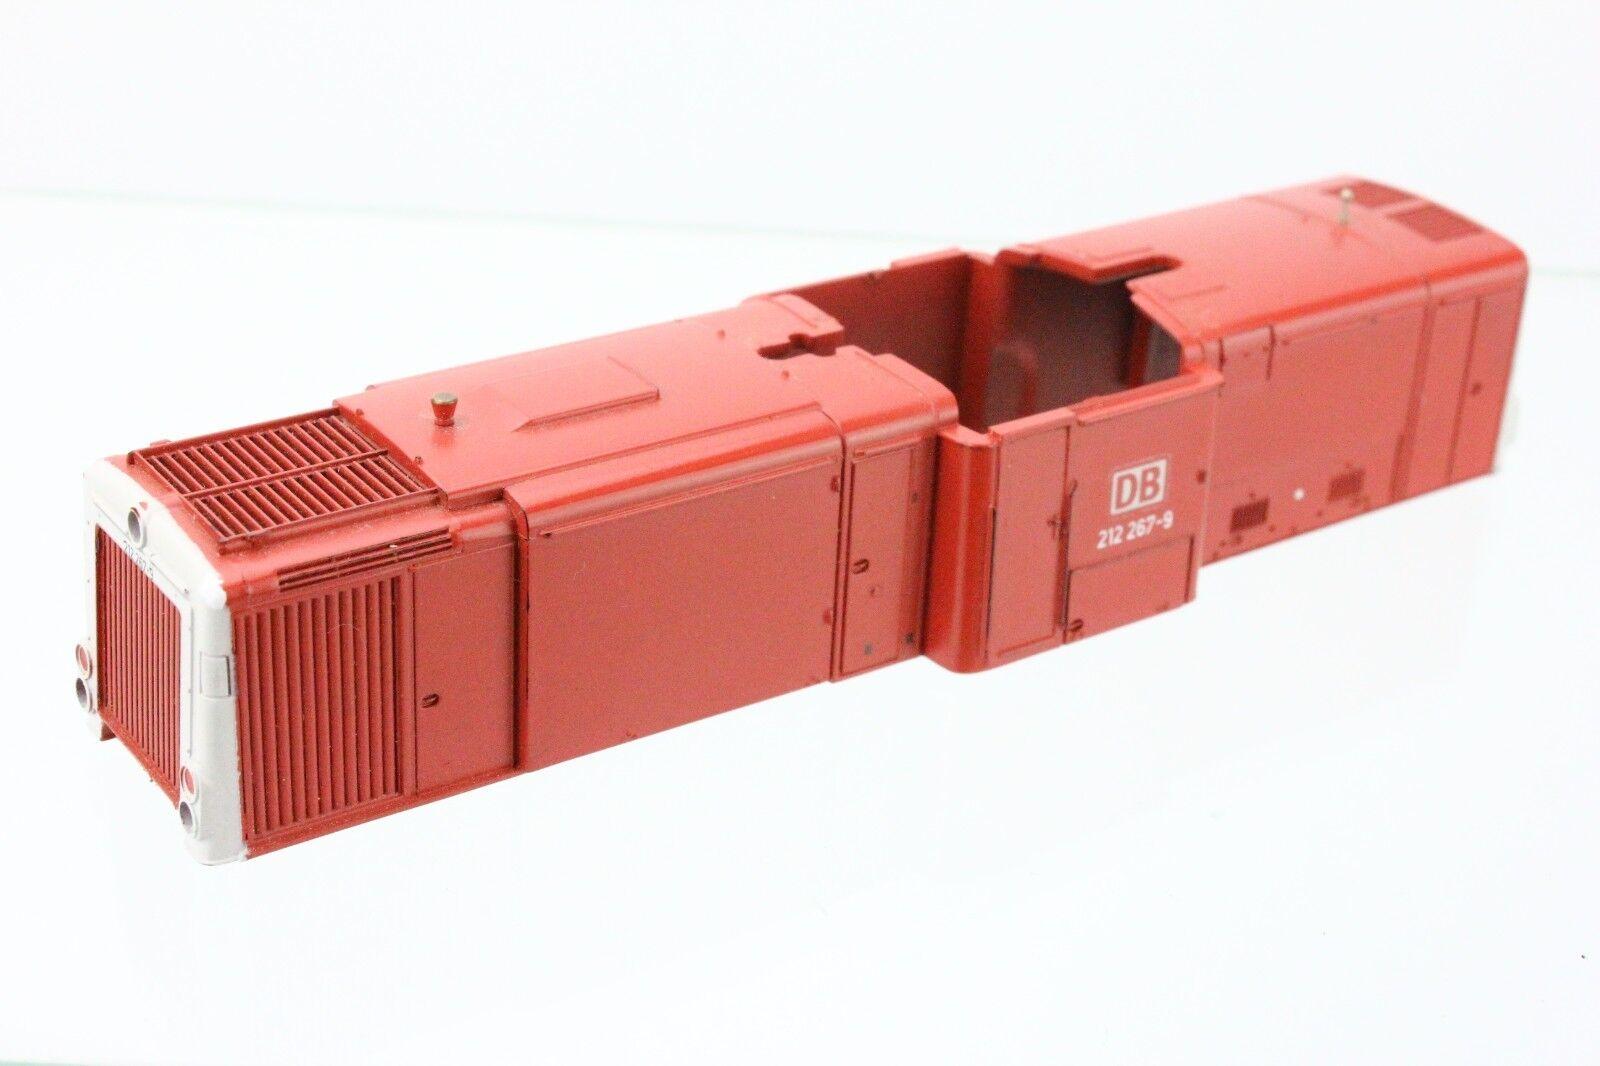 Märklin 577840 Gehäuse Aufbau für Diesellok V100 BR 212 267-9 (33723 orientrot)  | Outlet Online Store